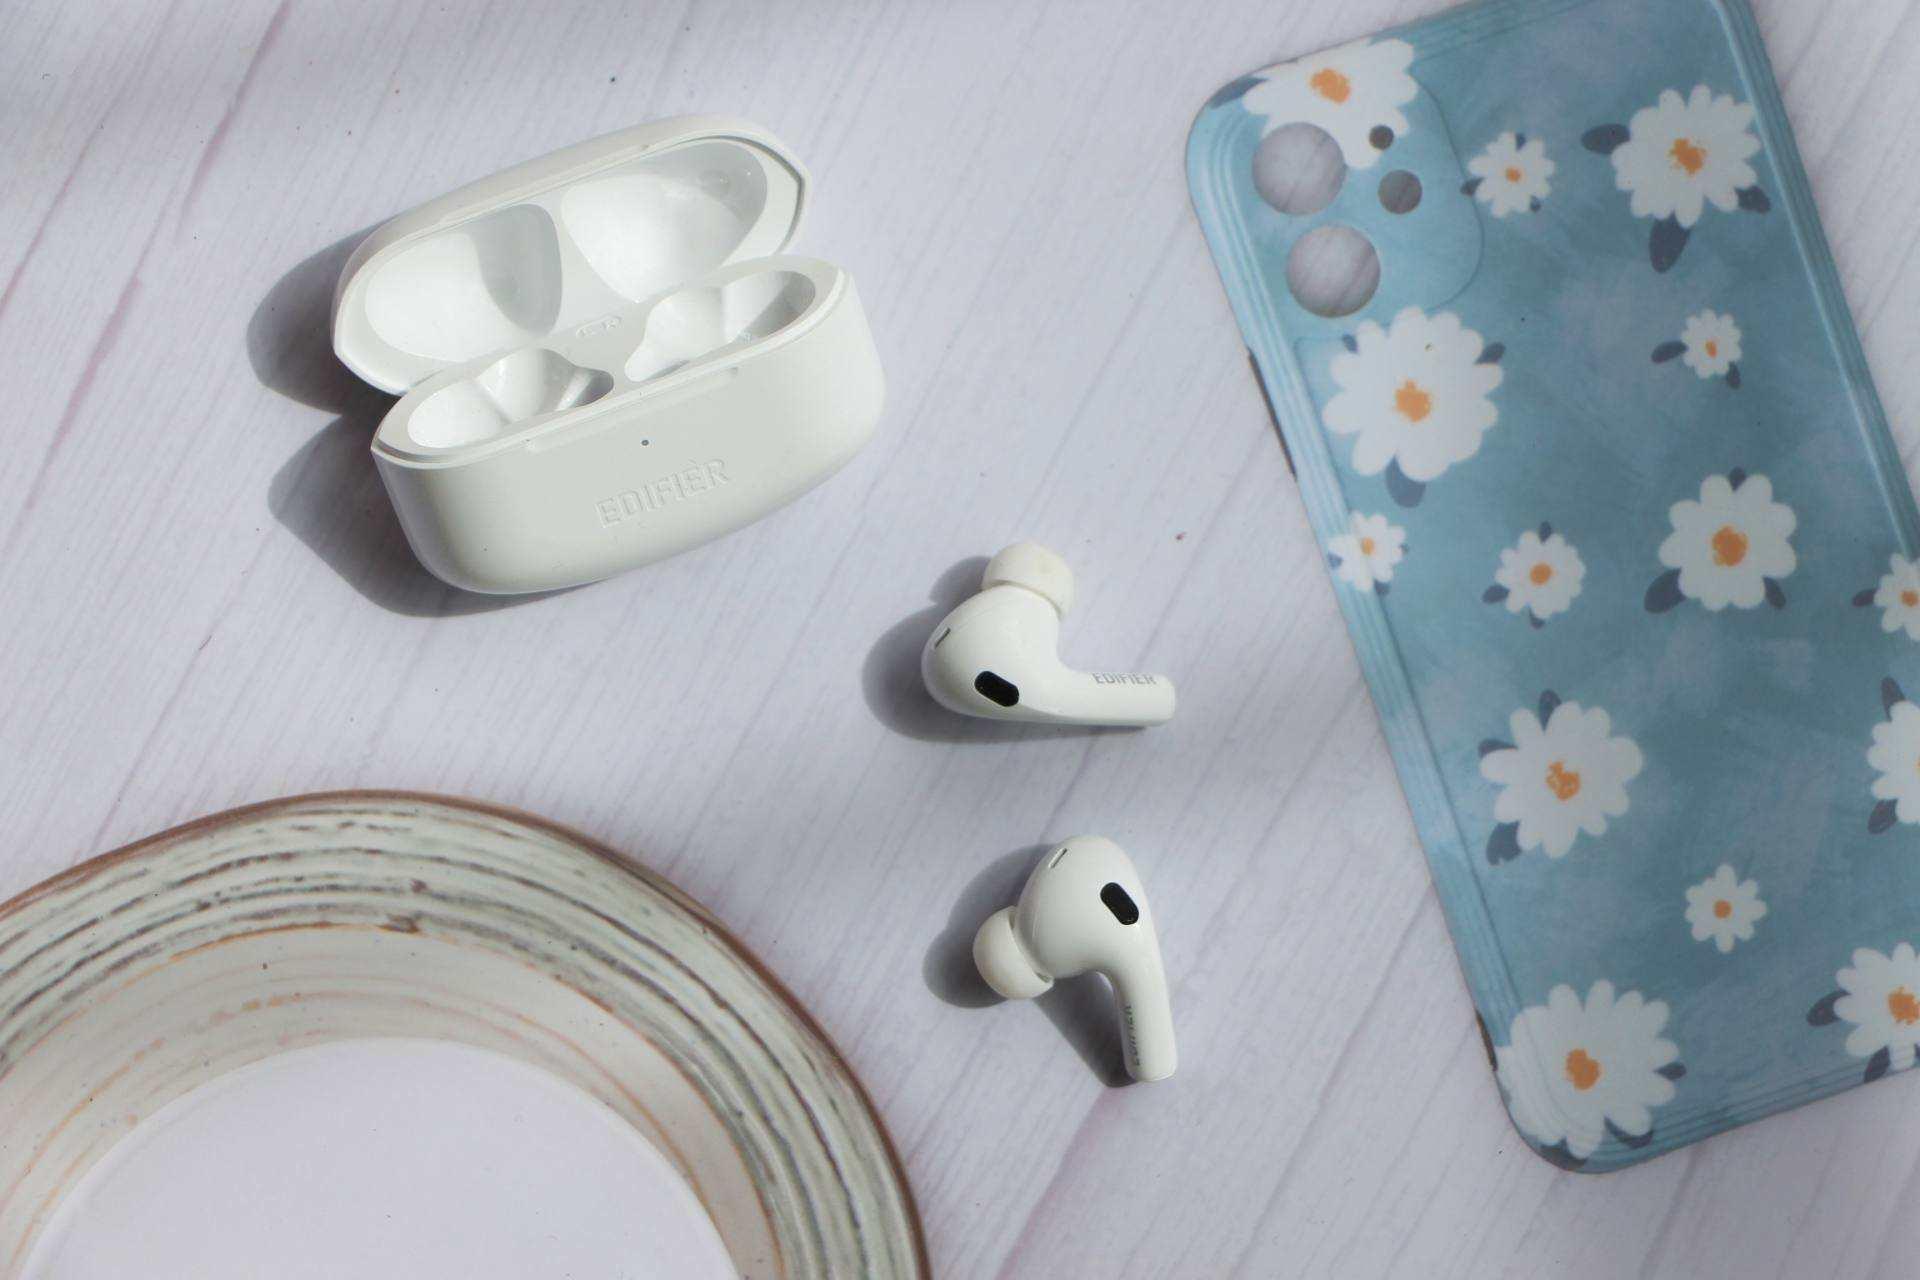 颜值与性能兼备的无线蓝牙耳机,这三款是首选